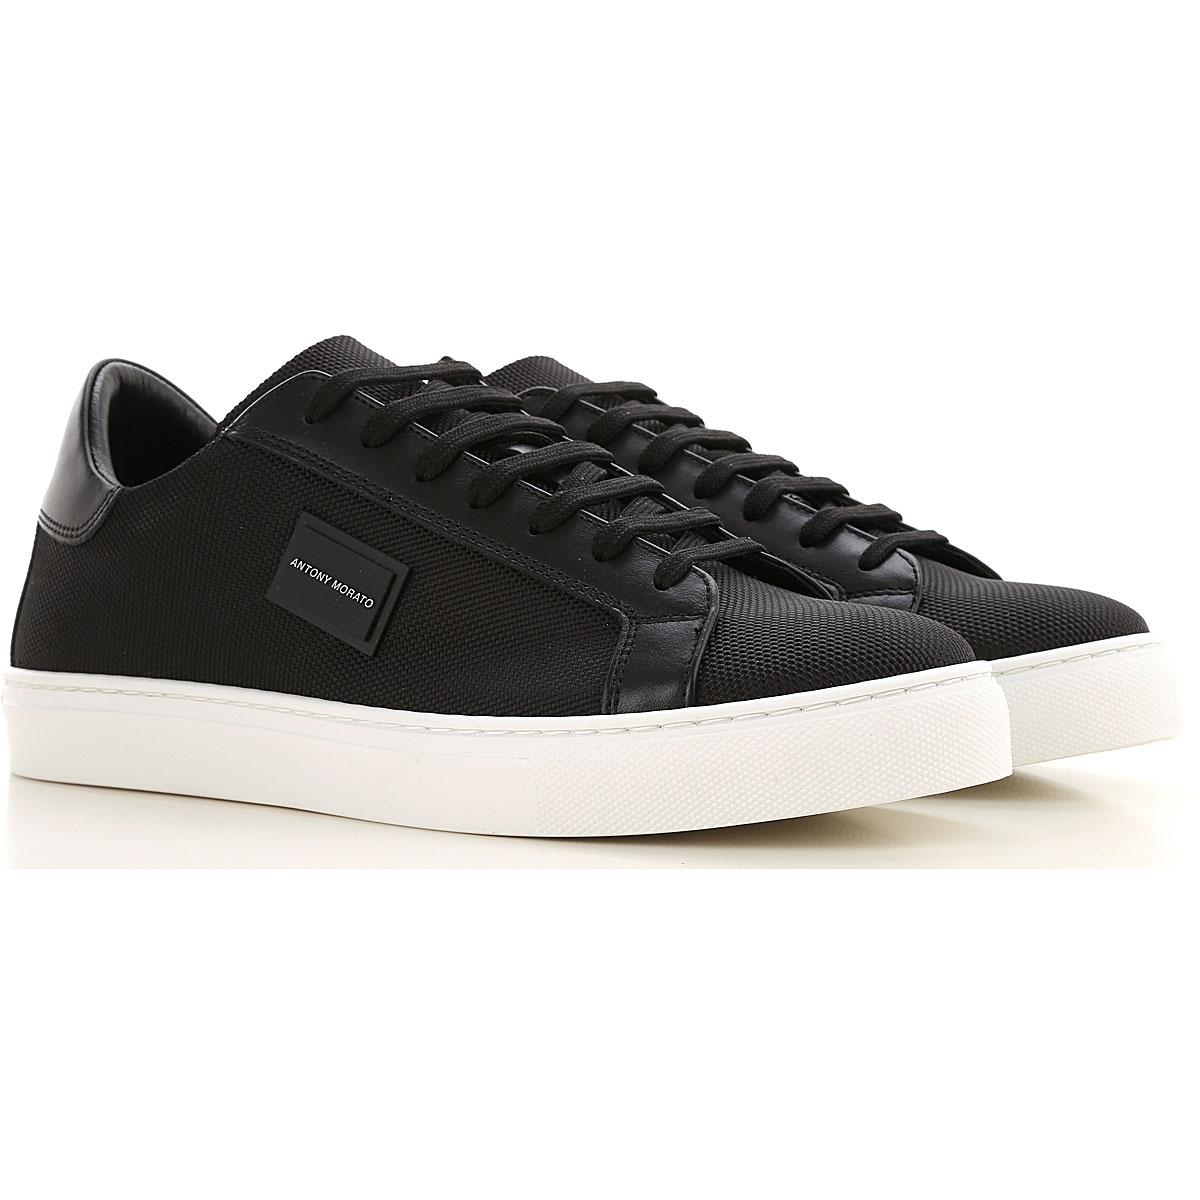 Antony Morato Sneakers for Men On Sale, Black, Nylon, 2019, 11.5 7.5